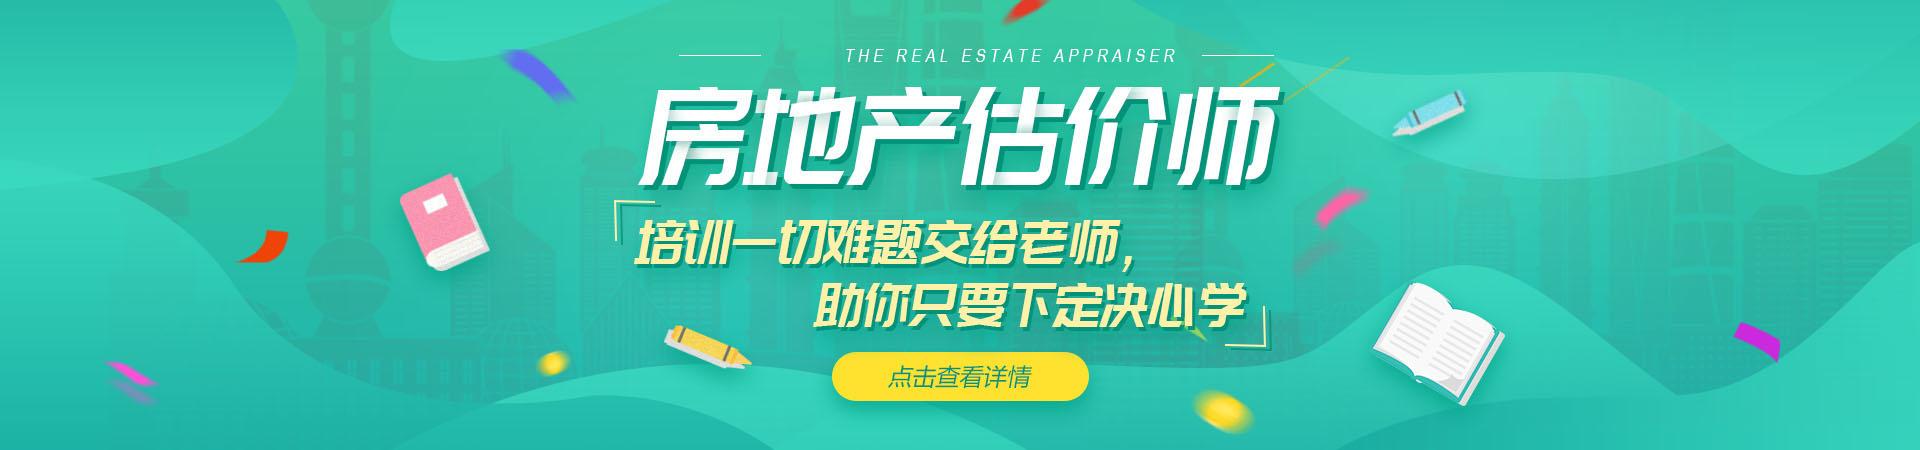 房地产估价师网